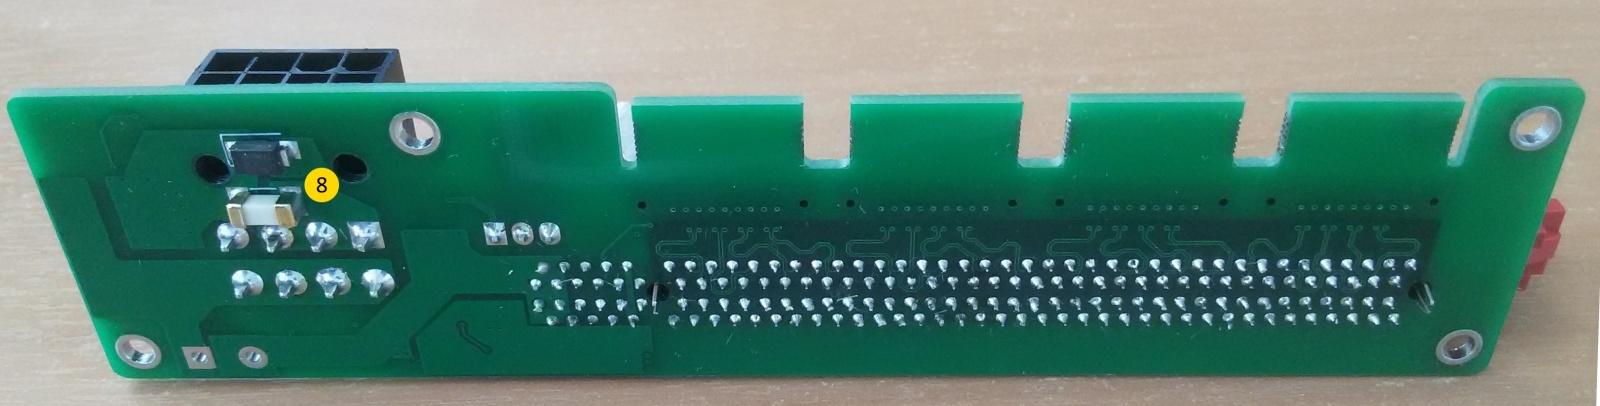 Что нам стоит PCI-E райзер свой построить - 9